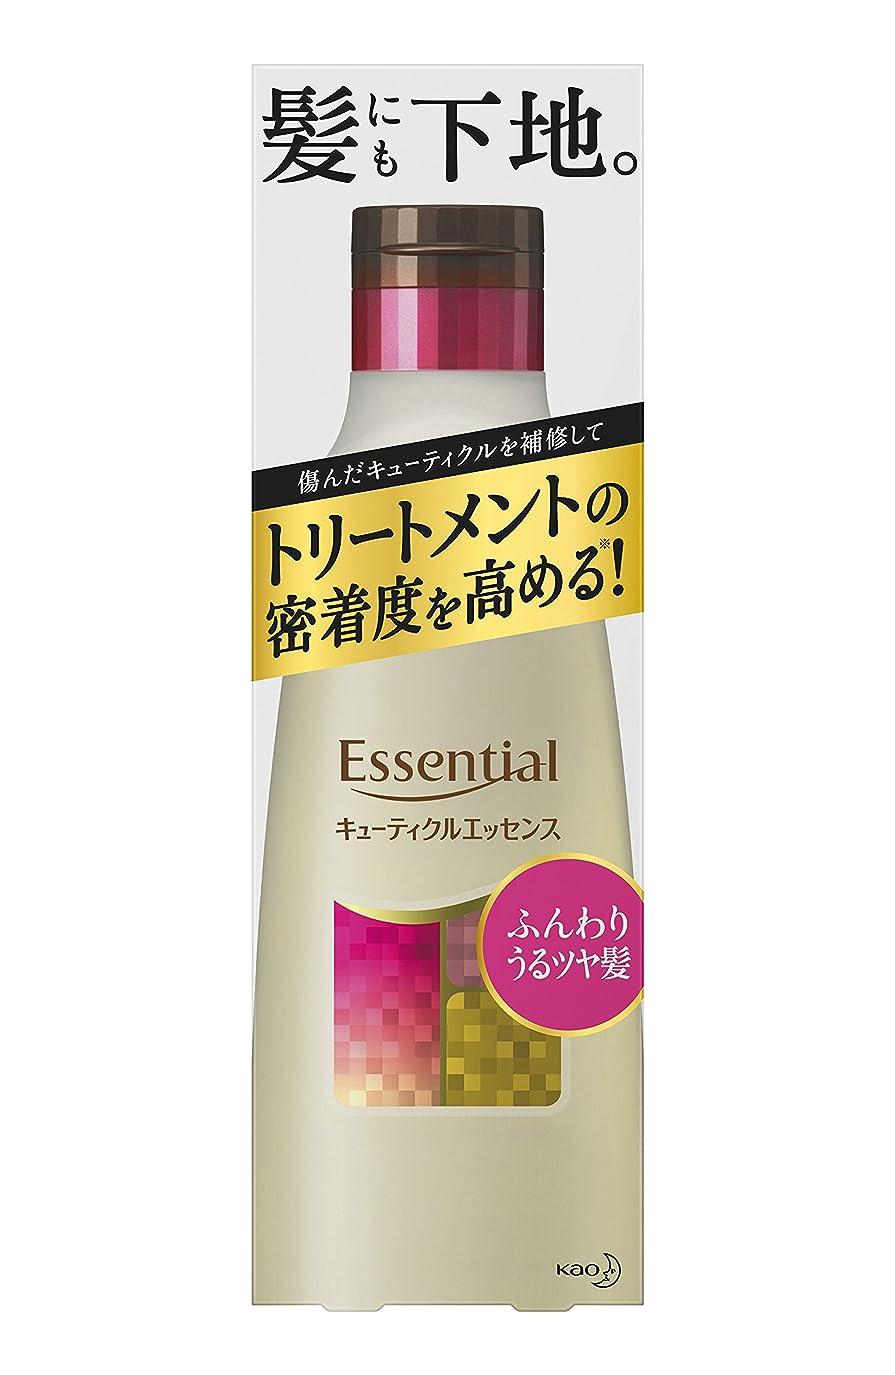 配分ドリンク代名詞エッセンシャル ふんわりうるツヤ髪 キューティクルエッセンス 250g (インバス用)